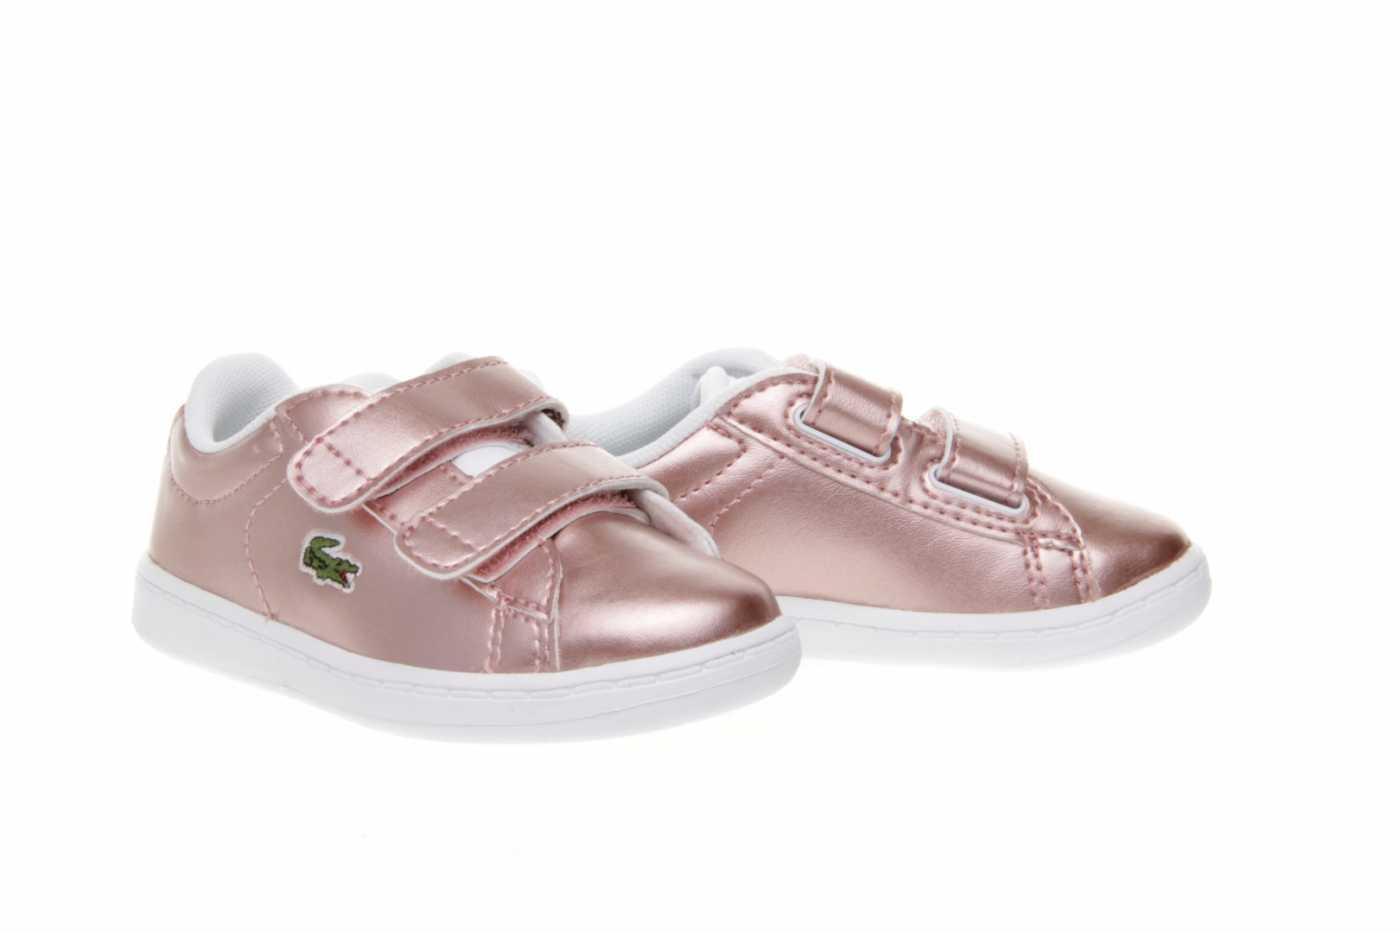 48be812cf Comprar zapato tipo JOVEN NIÑA estilo DEPORTIVO COLOR ROSA PIEL ...